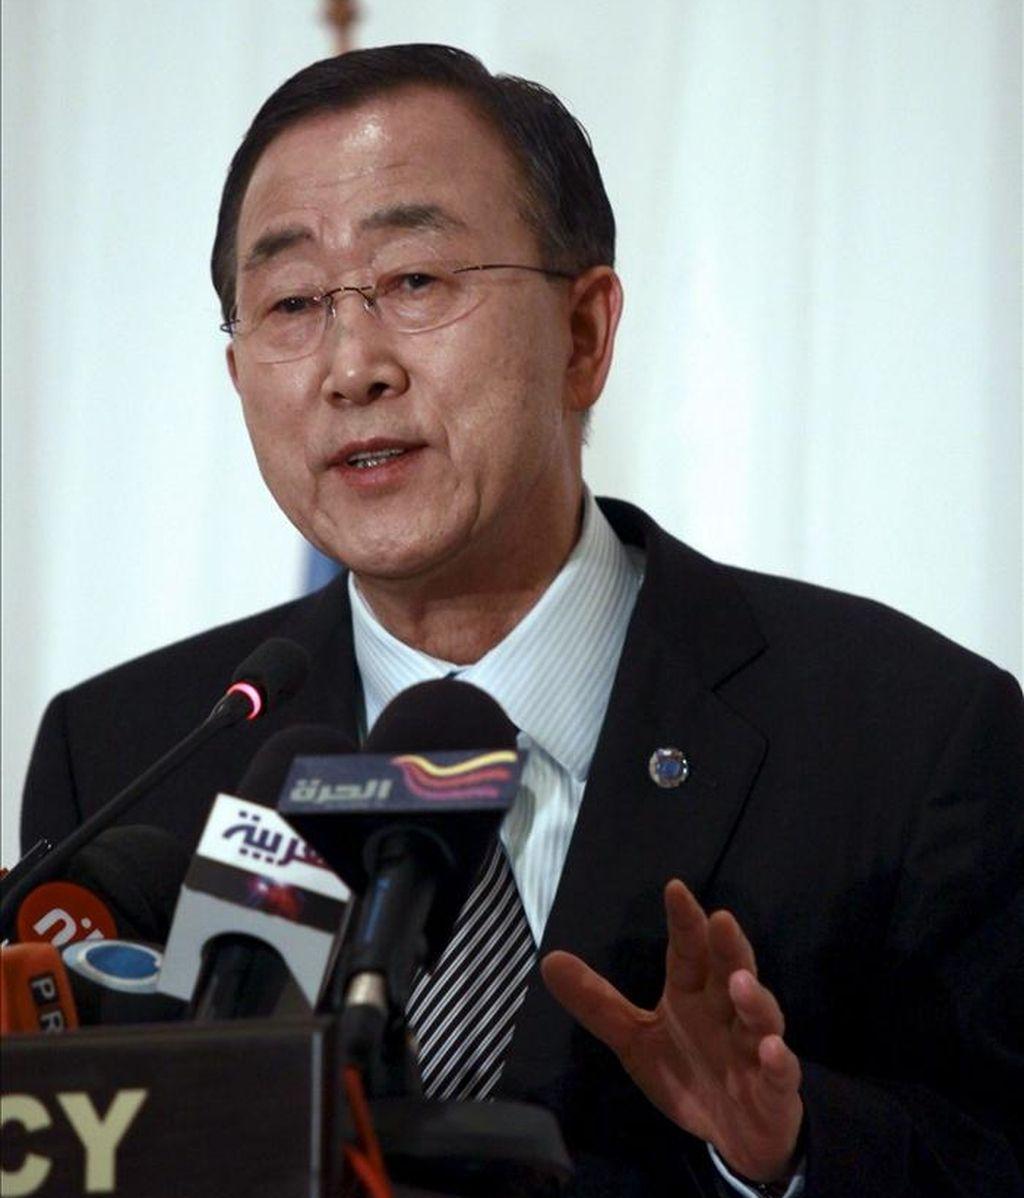 """El secretario general de la ONU, Ban Ki-moon, reiteró su llamamiento al Gobierno sirio """"para que cumpla con sus obligaciones internacionales de los derechos humanos"""". EFE/Archivo"""